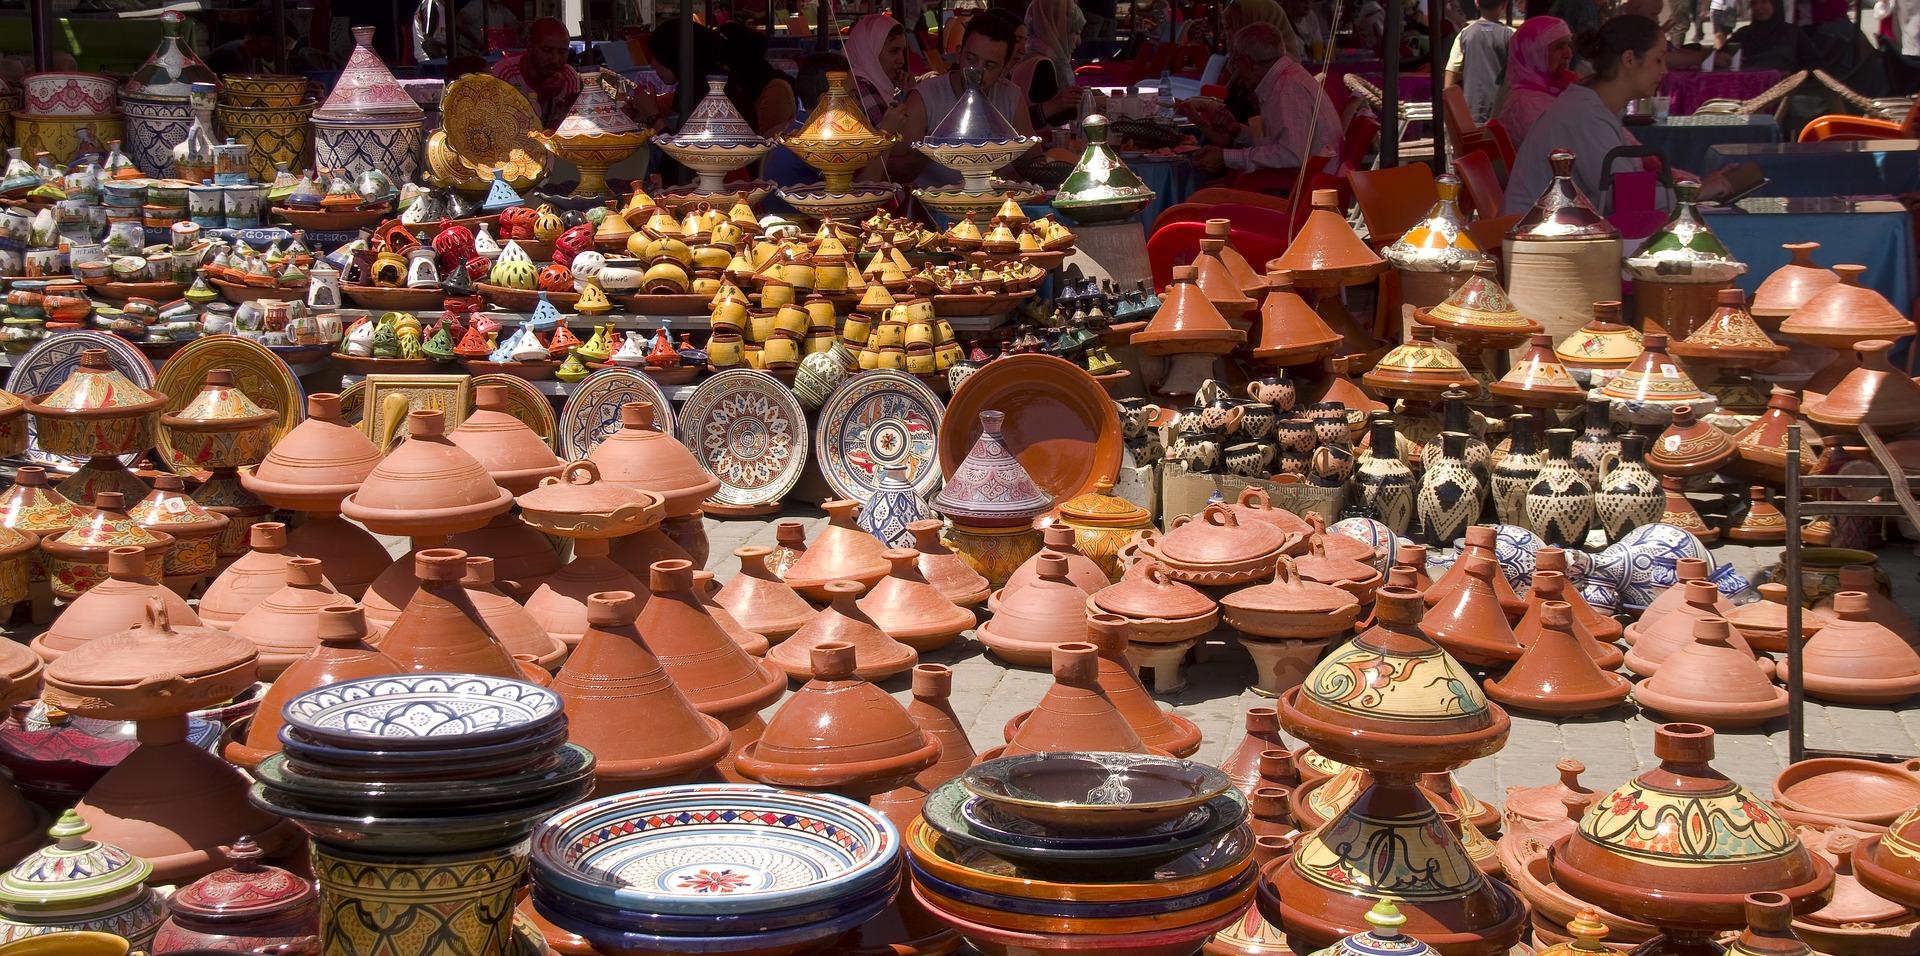 Meknes-market-1624172_1920